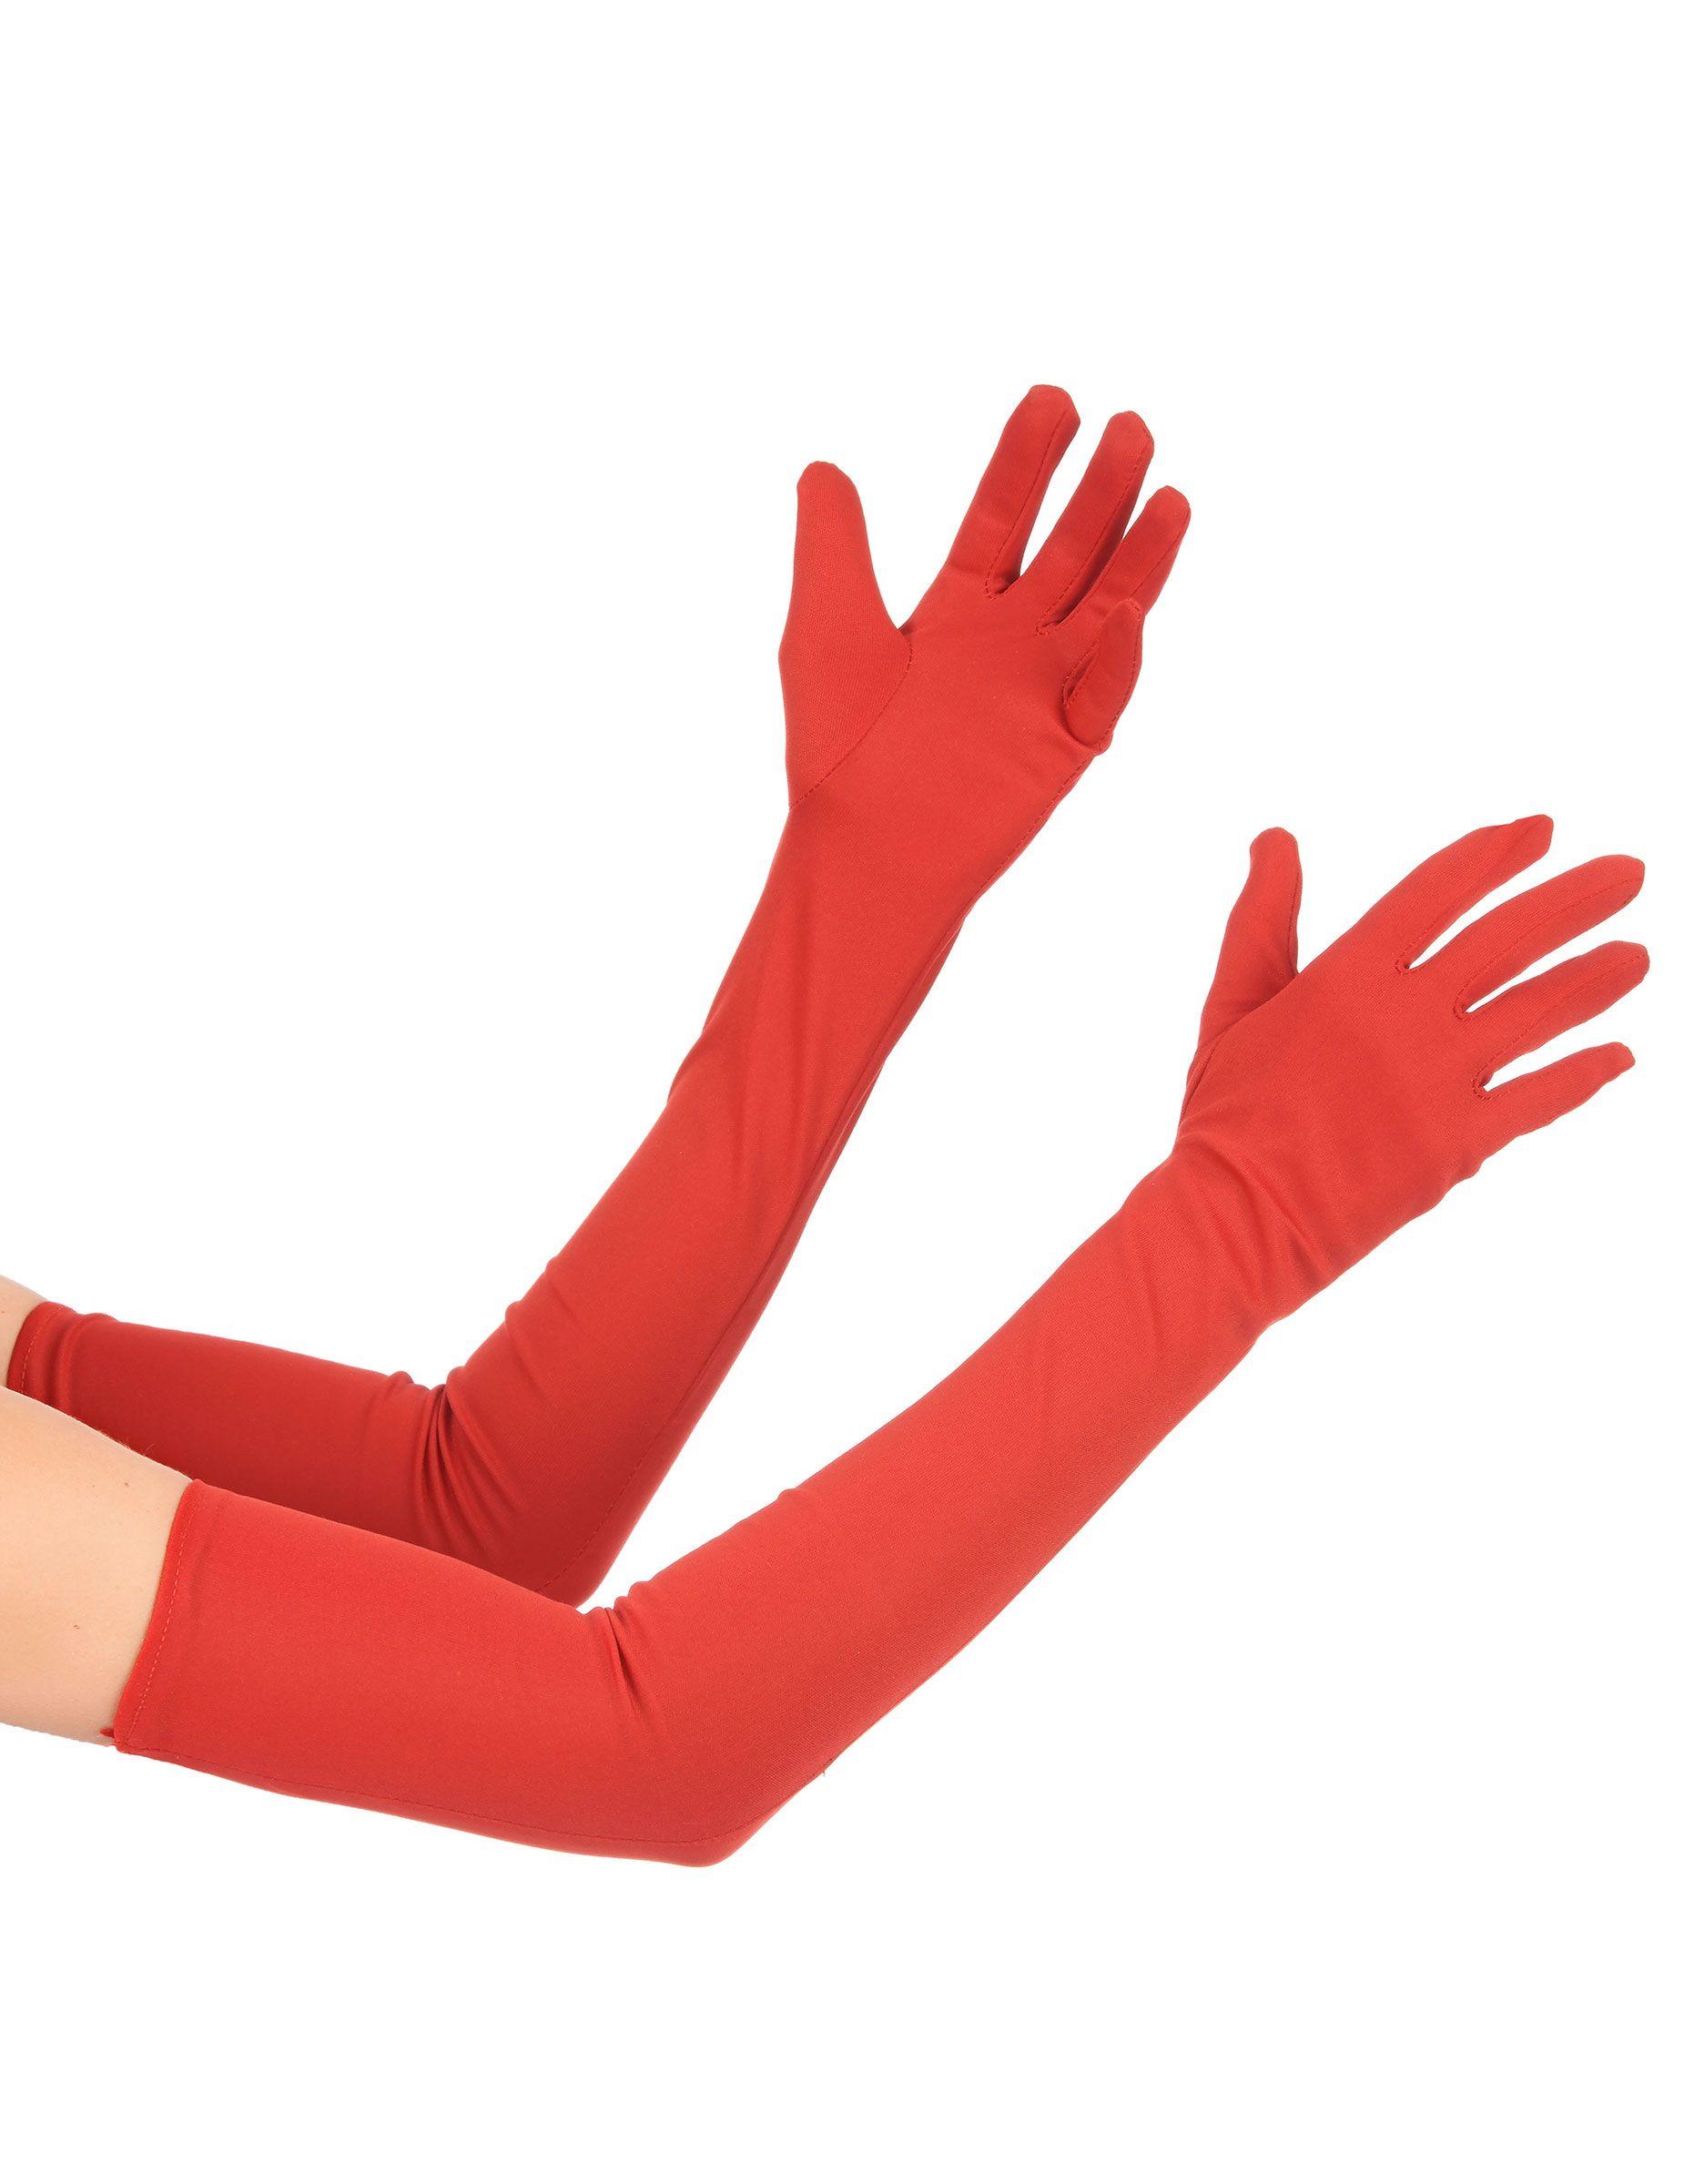 b0909cb192014 Satin Handschuhe lang rot | muppets | Handschuhe, Satin und ...